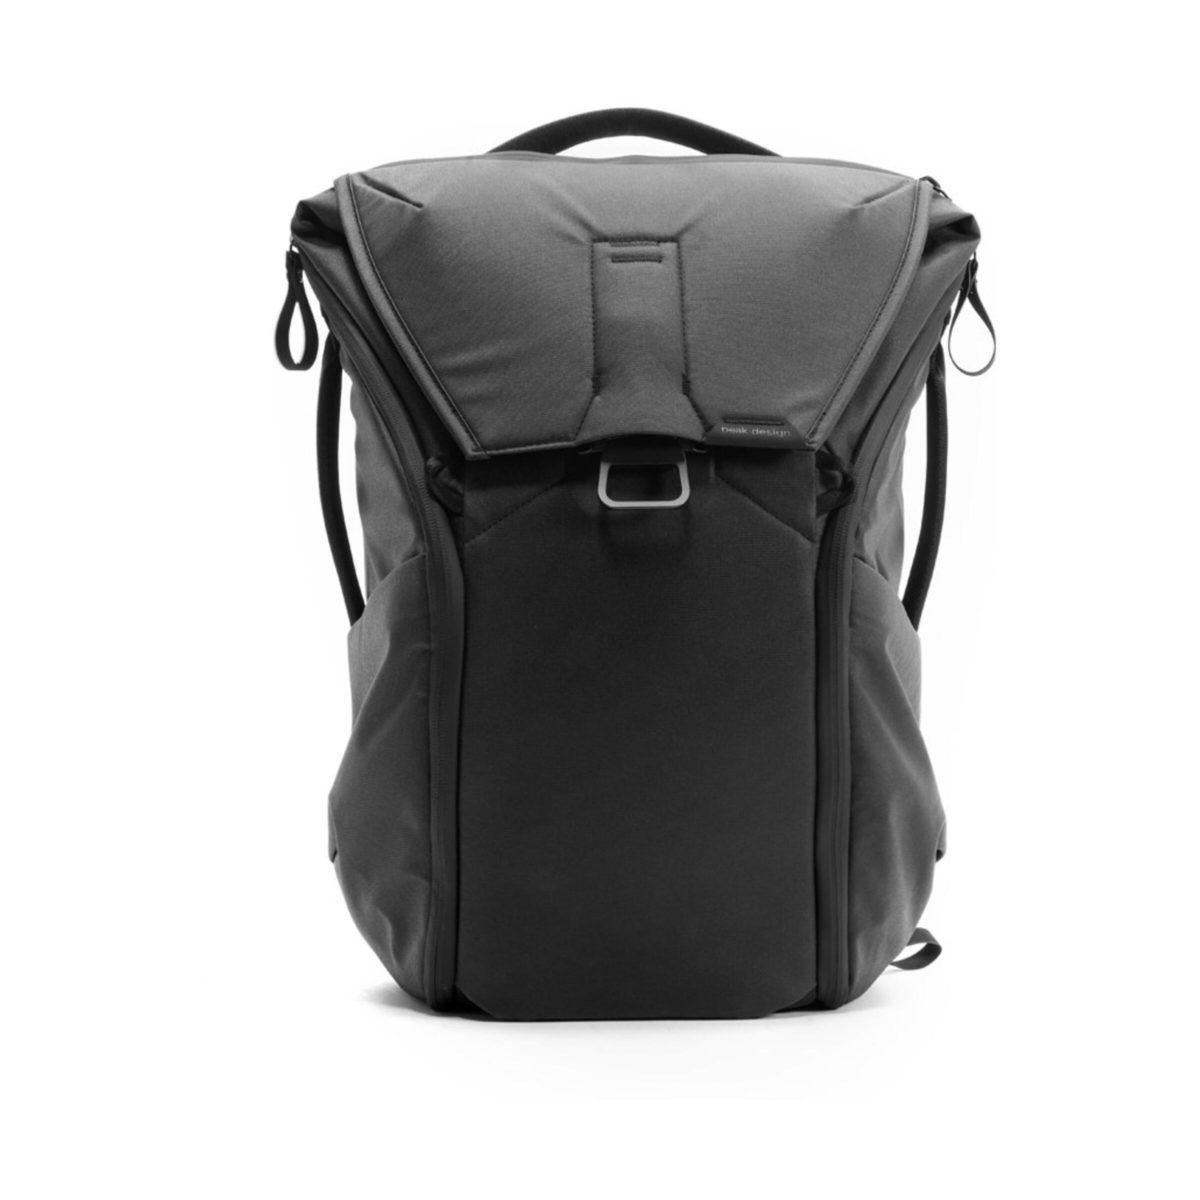 peak_design_everyday_backpack_20l_bk_01